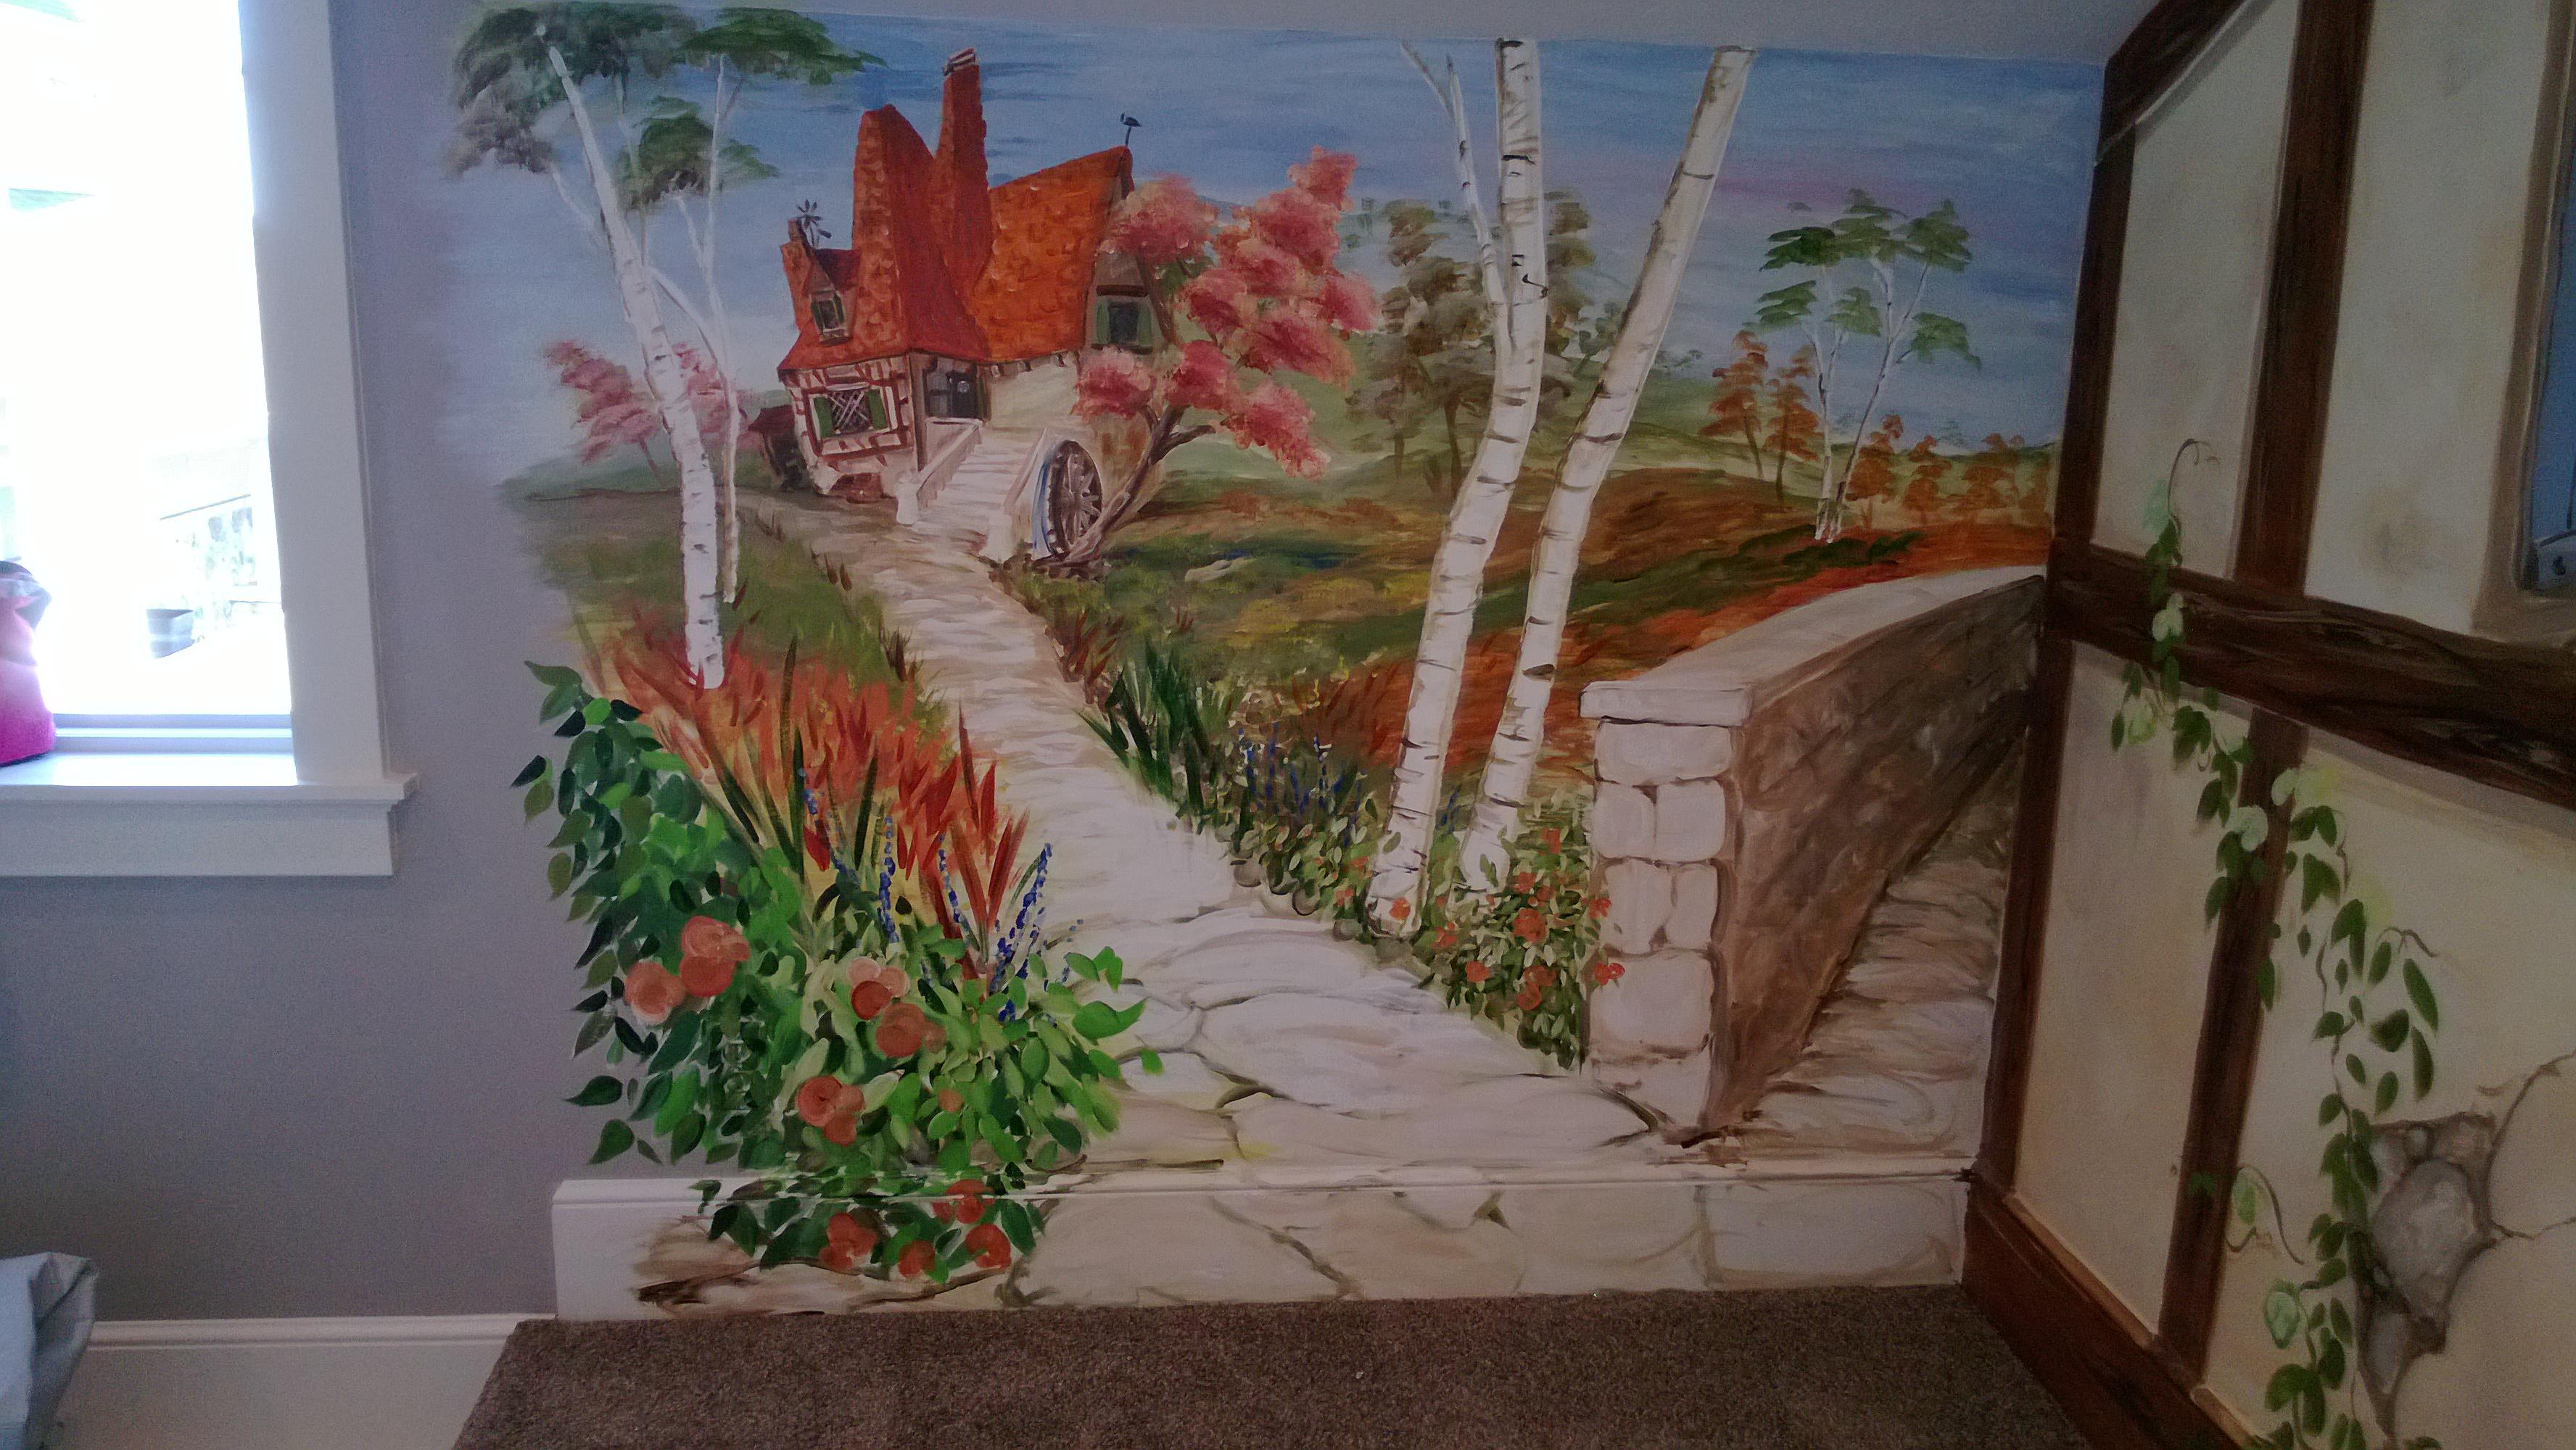 Belle's Abode Mural